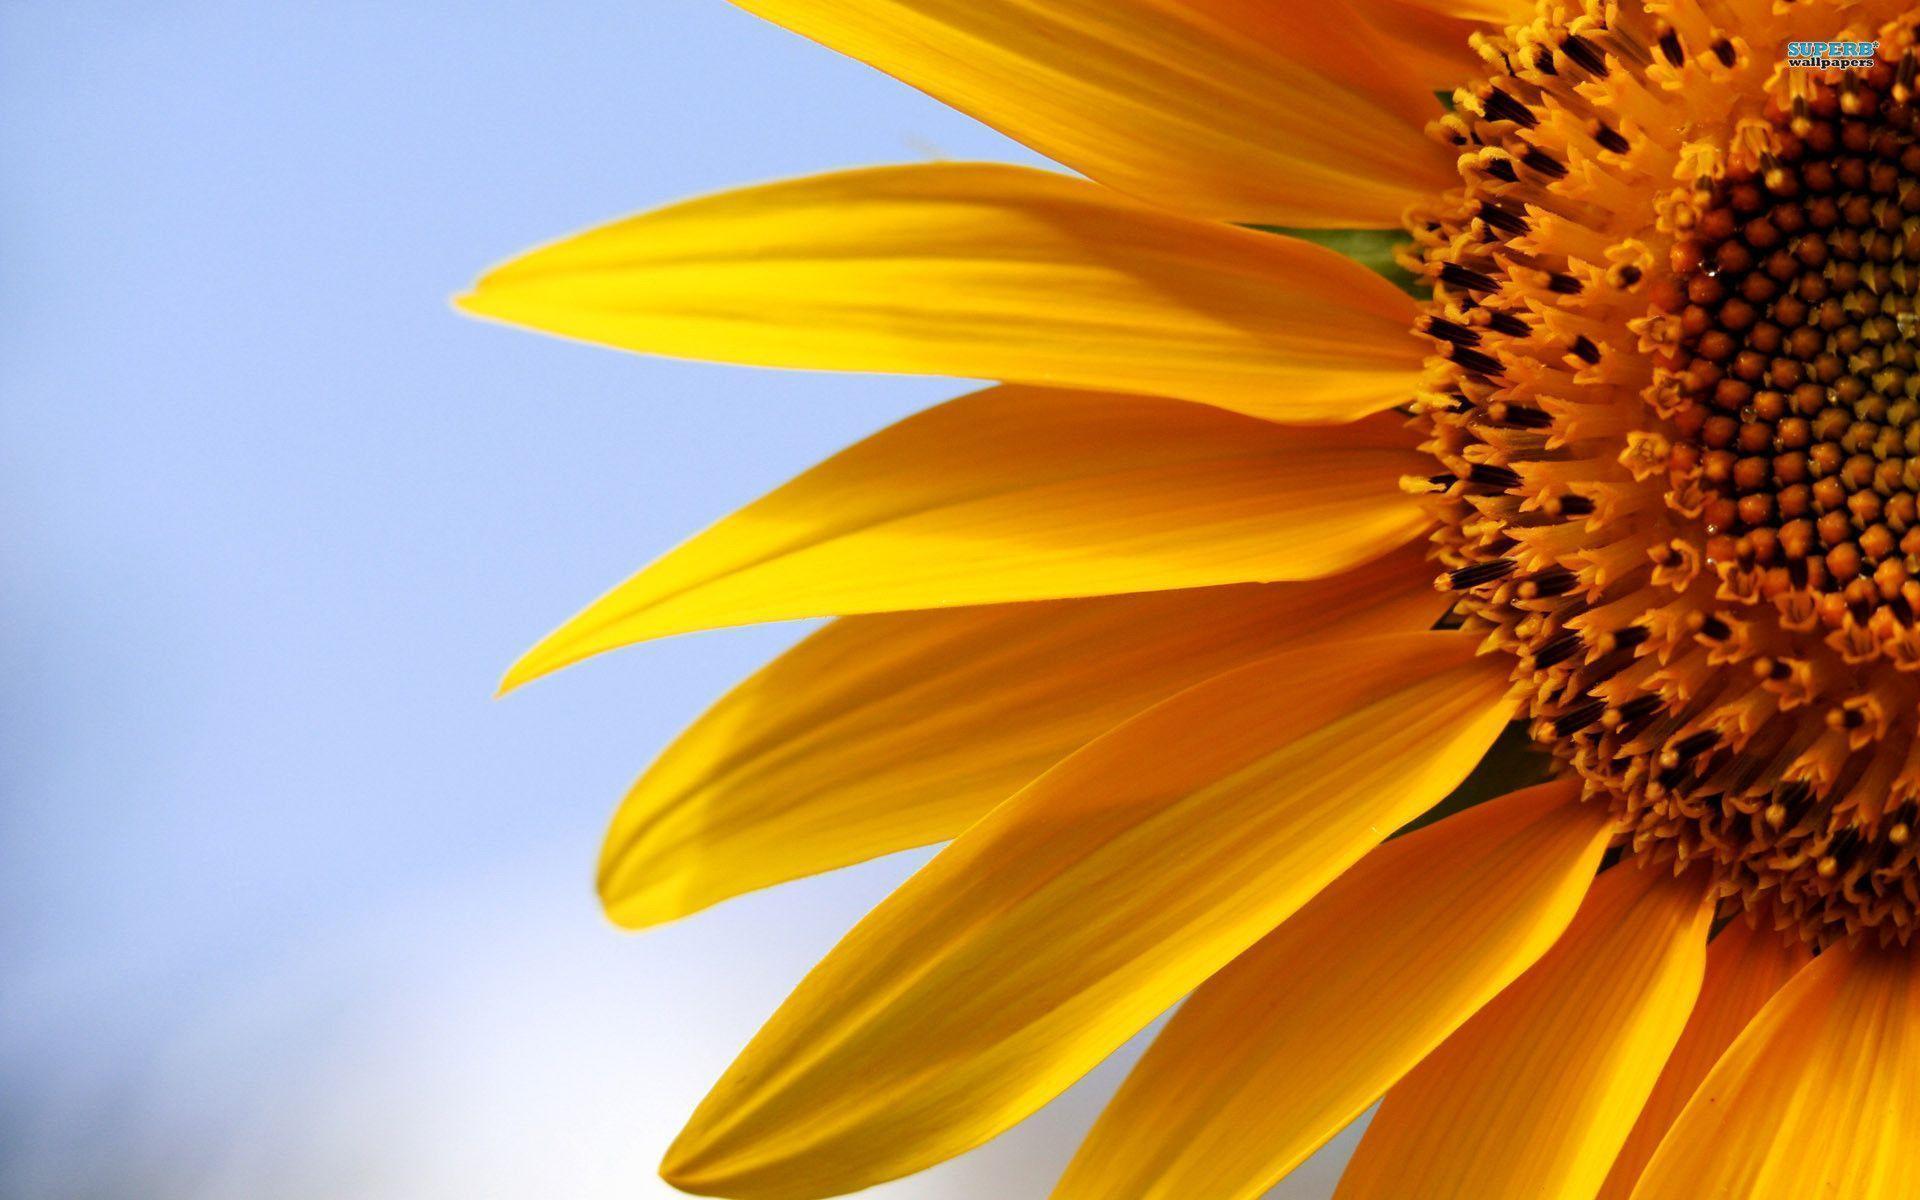 Hoa hướng dương đẹp làm hình nền